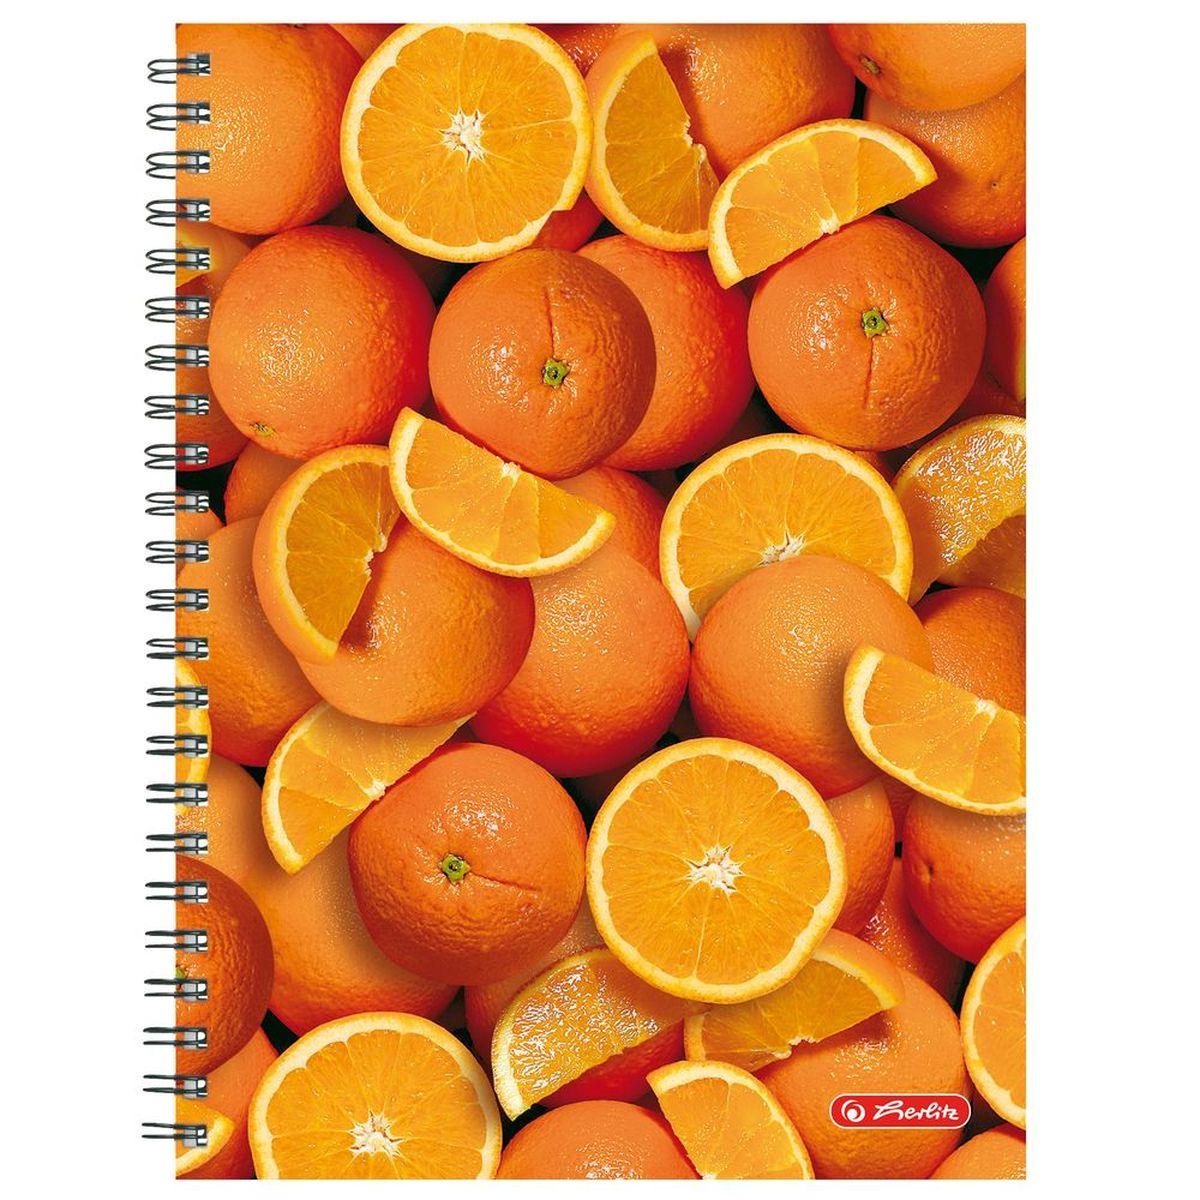 Herlitz Тетрадь Апельсины 70 листов в клетку формат А472523WDУдобная тетрадь Herlitz Апельсины - незаменимый атрибут современного человека, необходимый для рабочих или школьных записей.Тетрадь содержит 70 листов формата А4 в клетку без полей со внутренней разделительной полосой. Обложка выполнена из качественного ламинированного картона с ярким фруктовым дизайном. Внутренний спиральный блок изготовлен из металла и гарантирует надежное крепление листов.Тетрадь для записей Herlitz Апельсины станет достойным аксессуаром среди ваших канцелярских принадлежностей. Это отличный подарок как коллеге или деловому партнеру, так и близким людям.